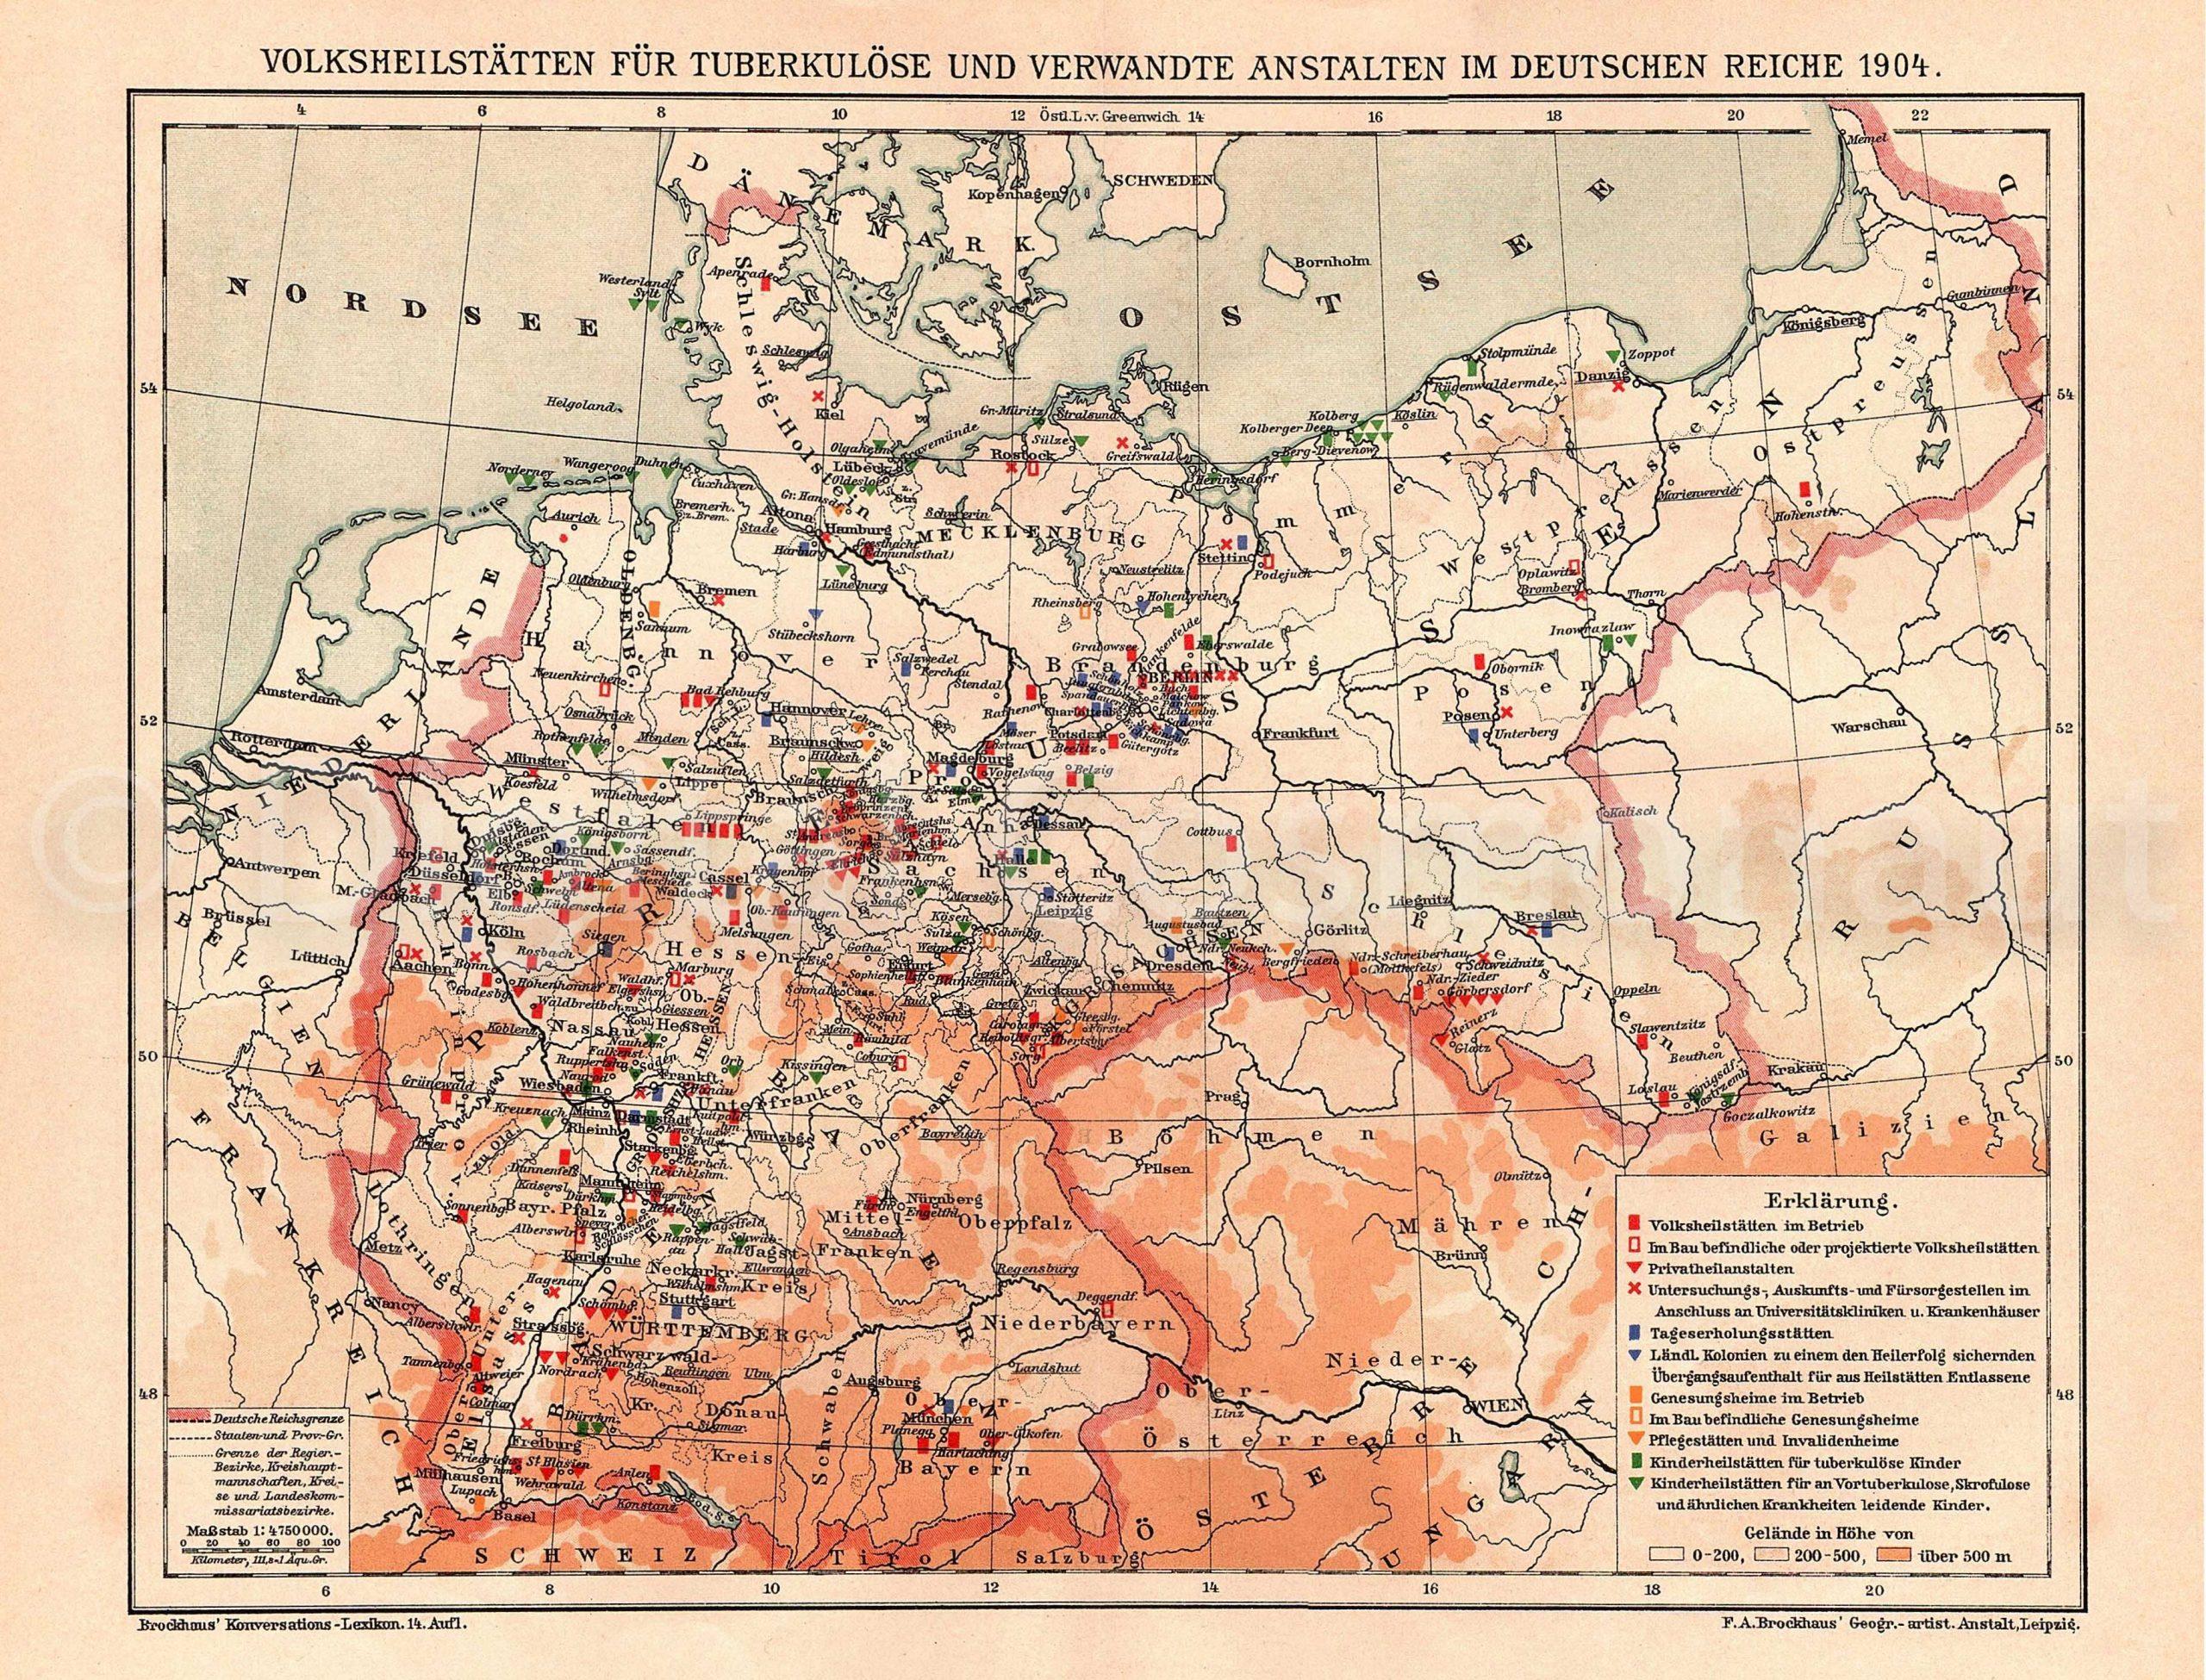 volksheilstaetten fuer tuberkuloese und verwandte anstalten im deutschen reiche 1904 map of tuberculosis sanatoriums in the german reich 1904